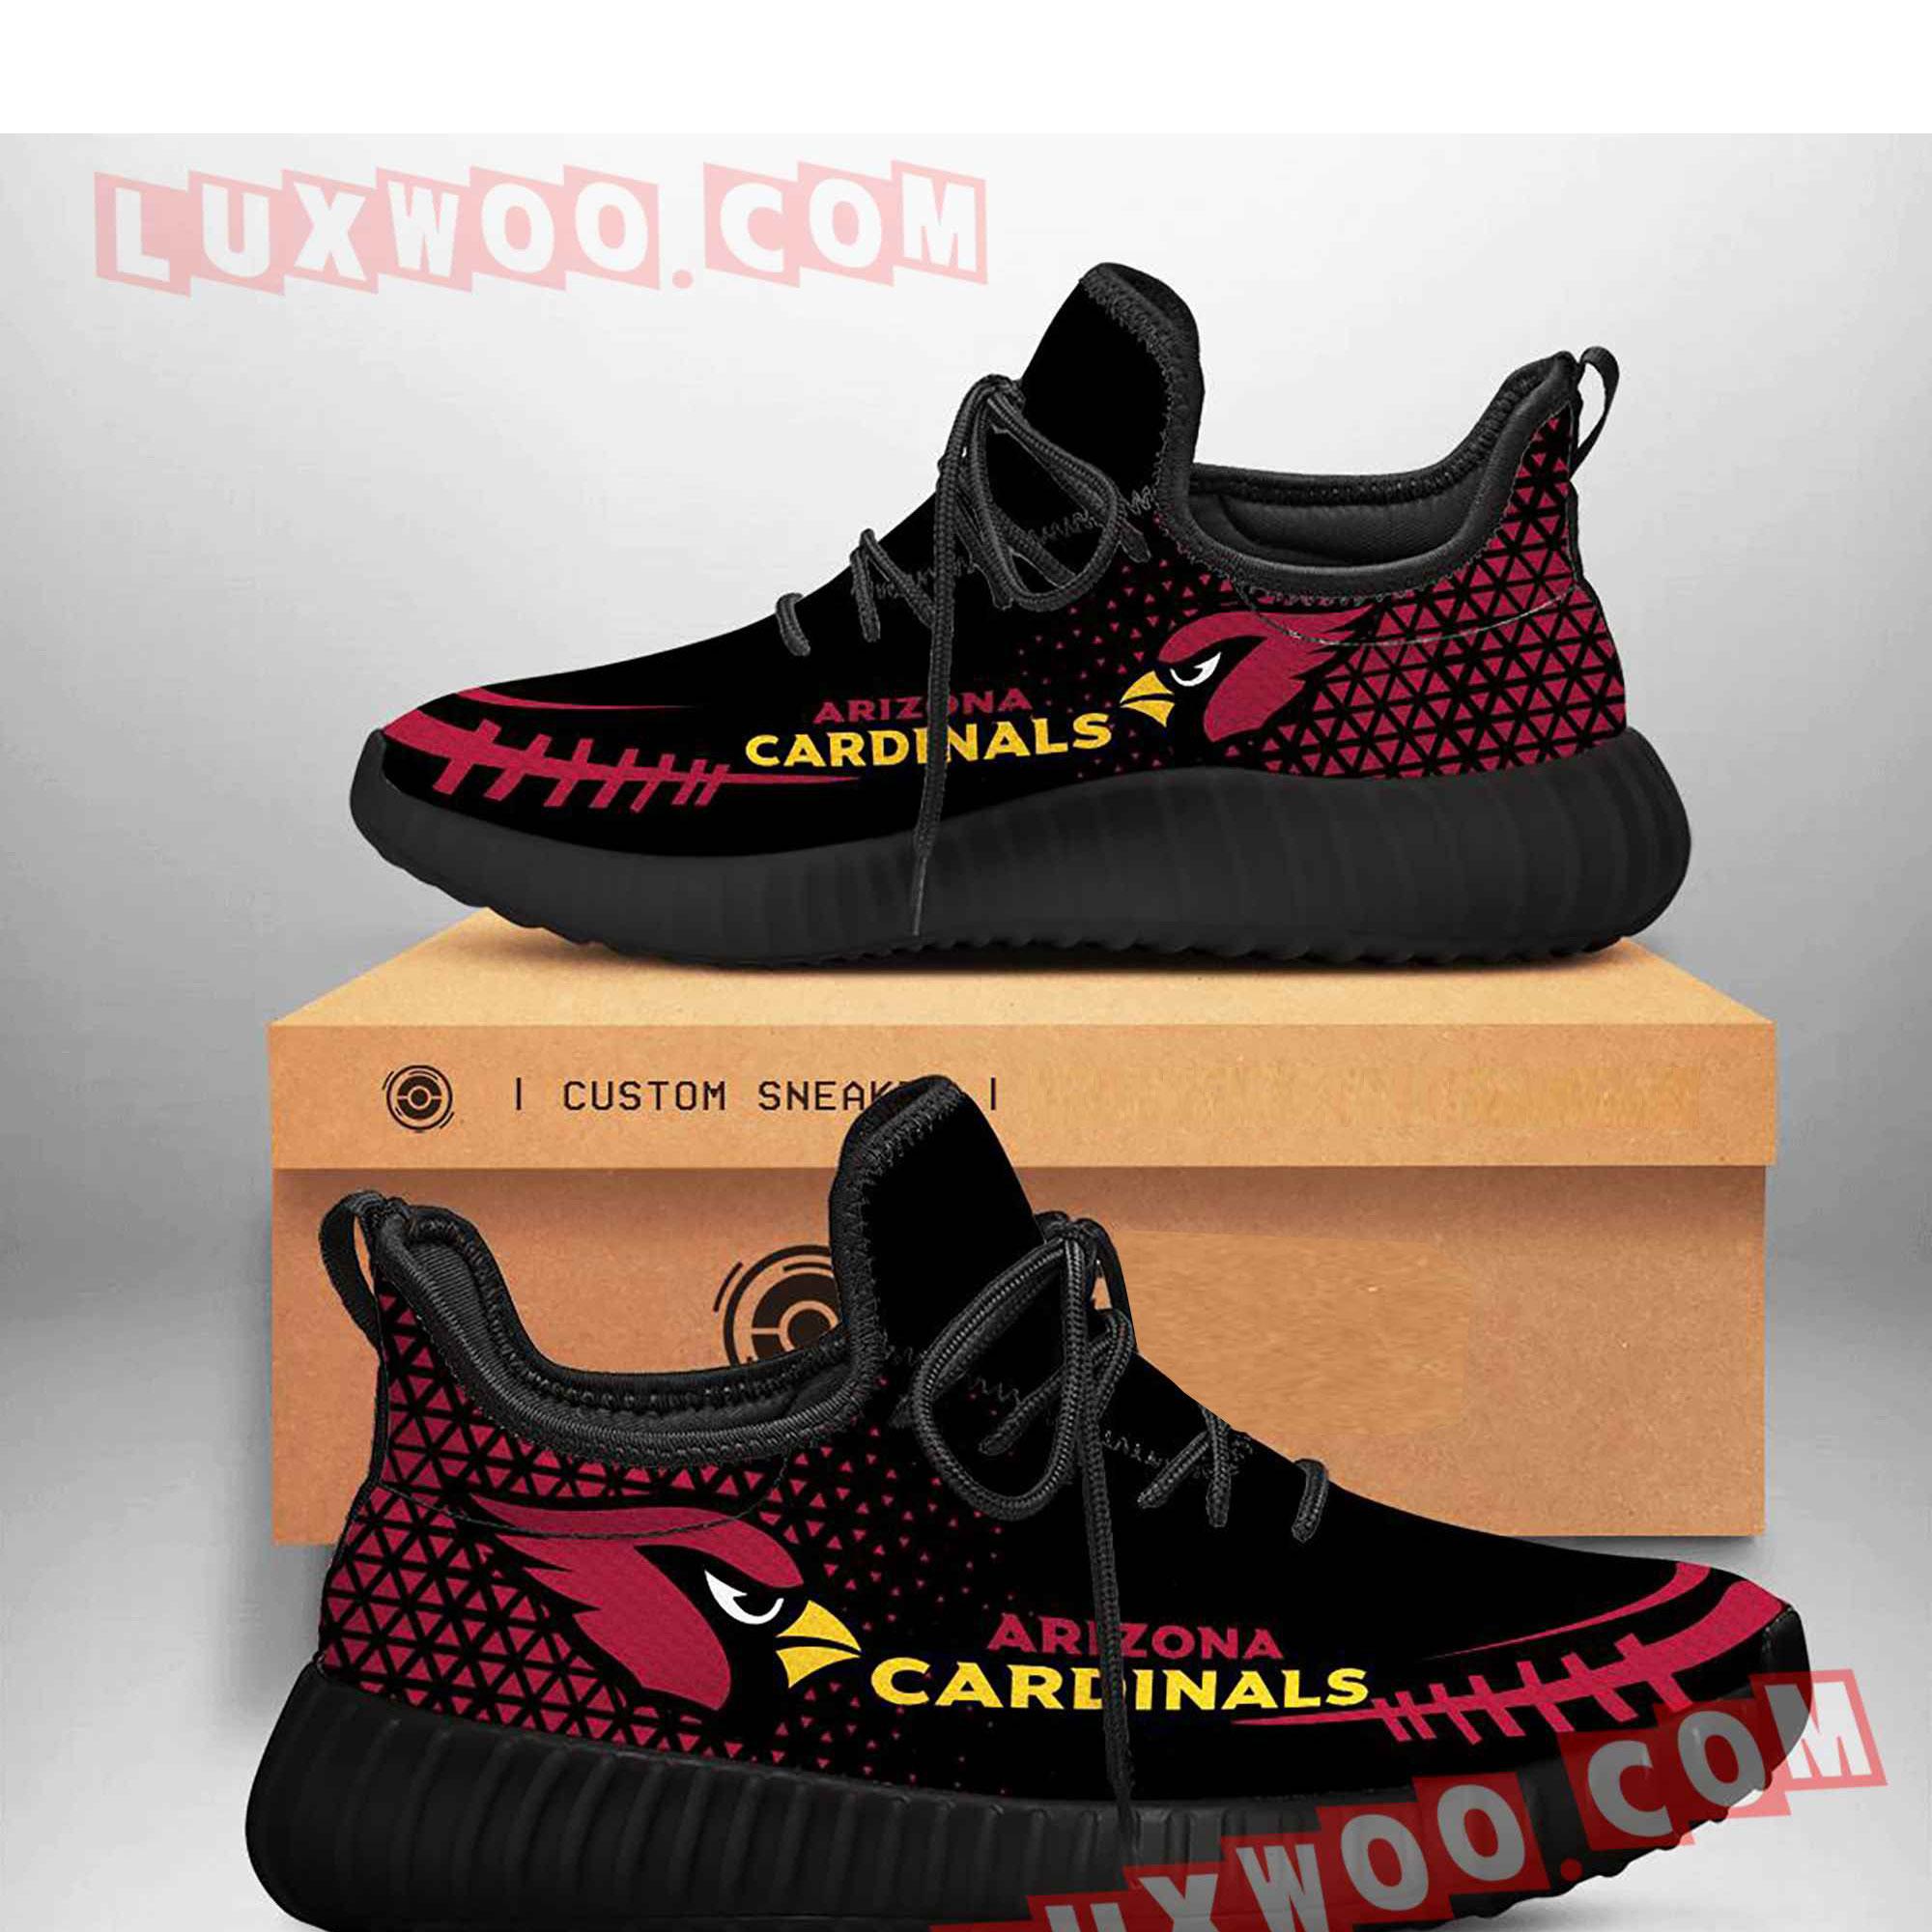 Arizona Cardinals Nfl Yezzy Custom Shoes Sneaker V4